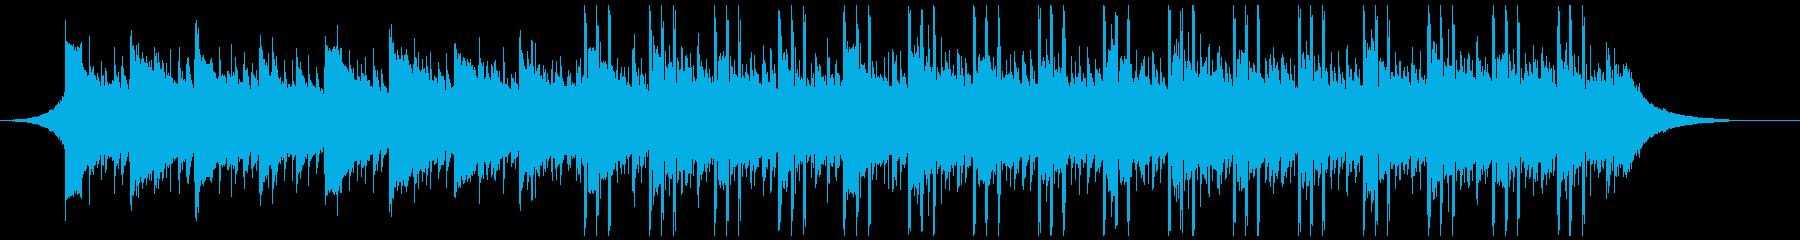 デジタルテクノロジー(60秒)の再生済みの波形